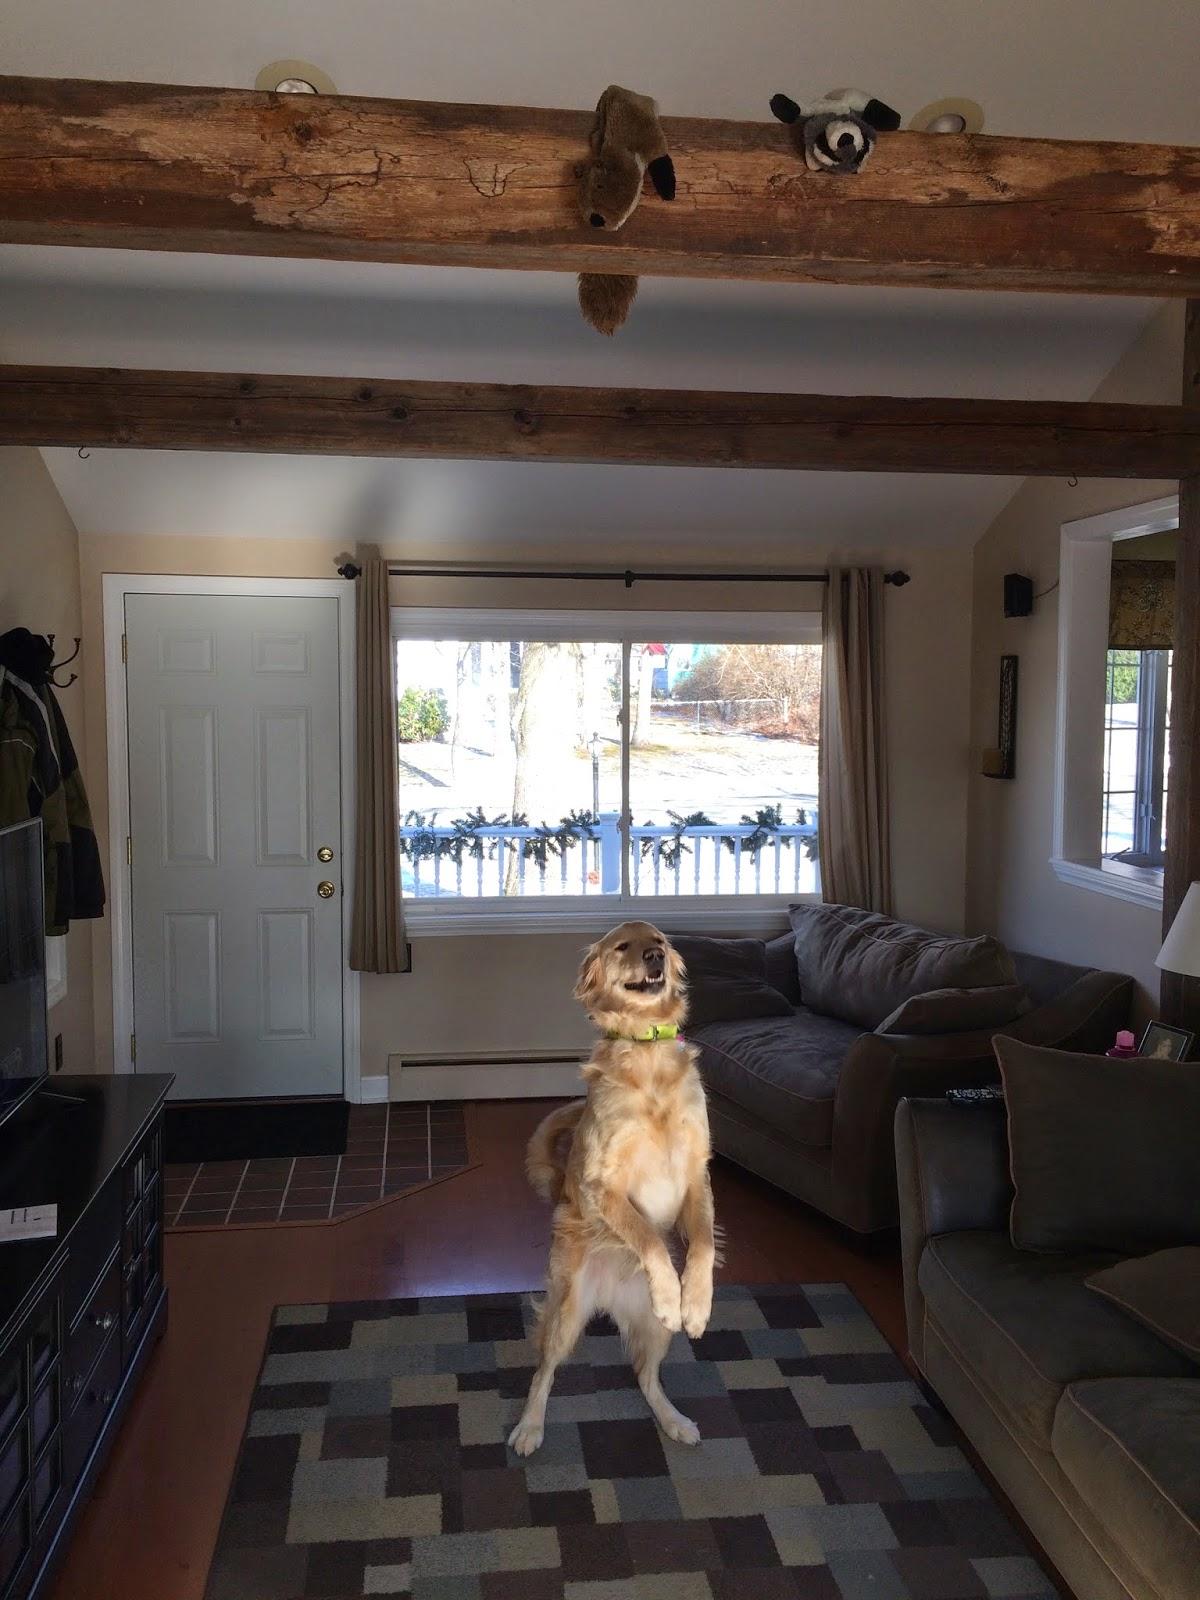 mischievous tricks on dog